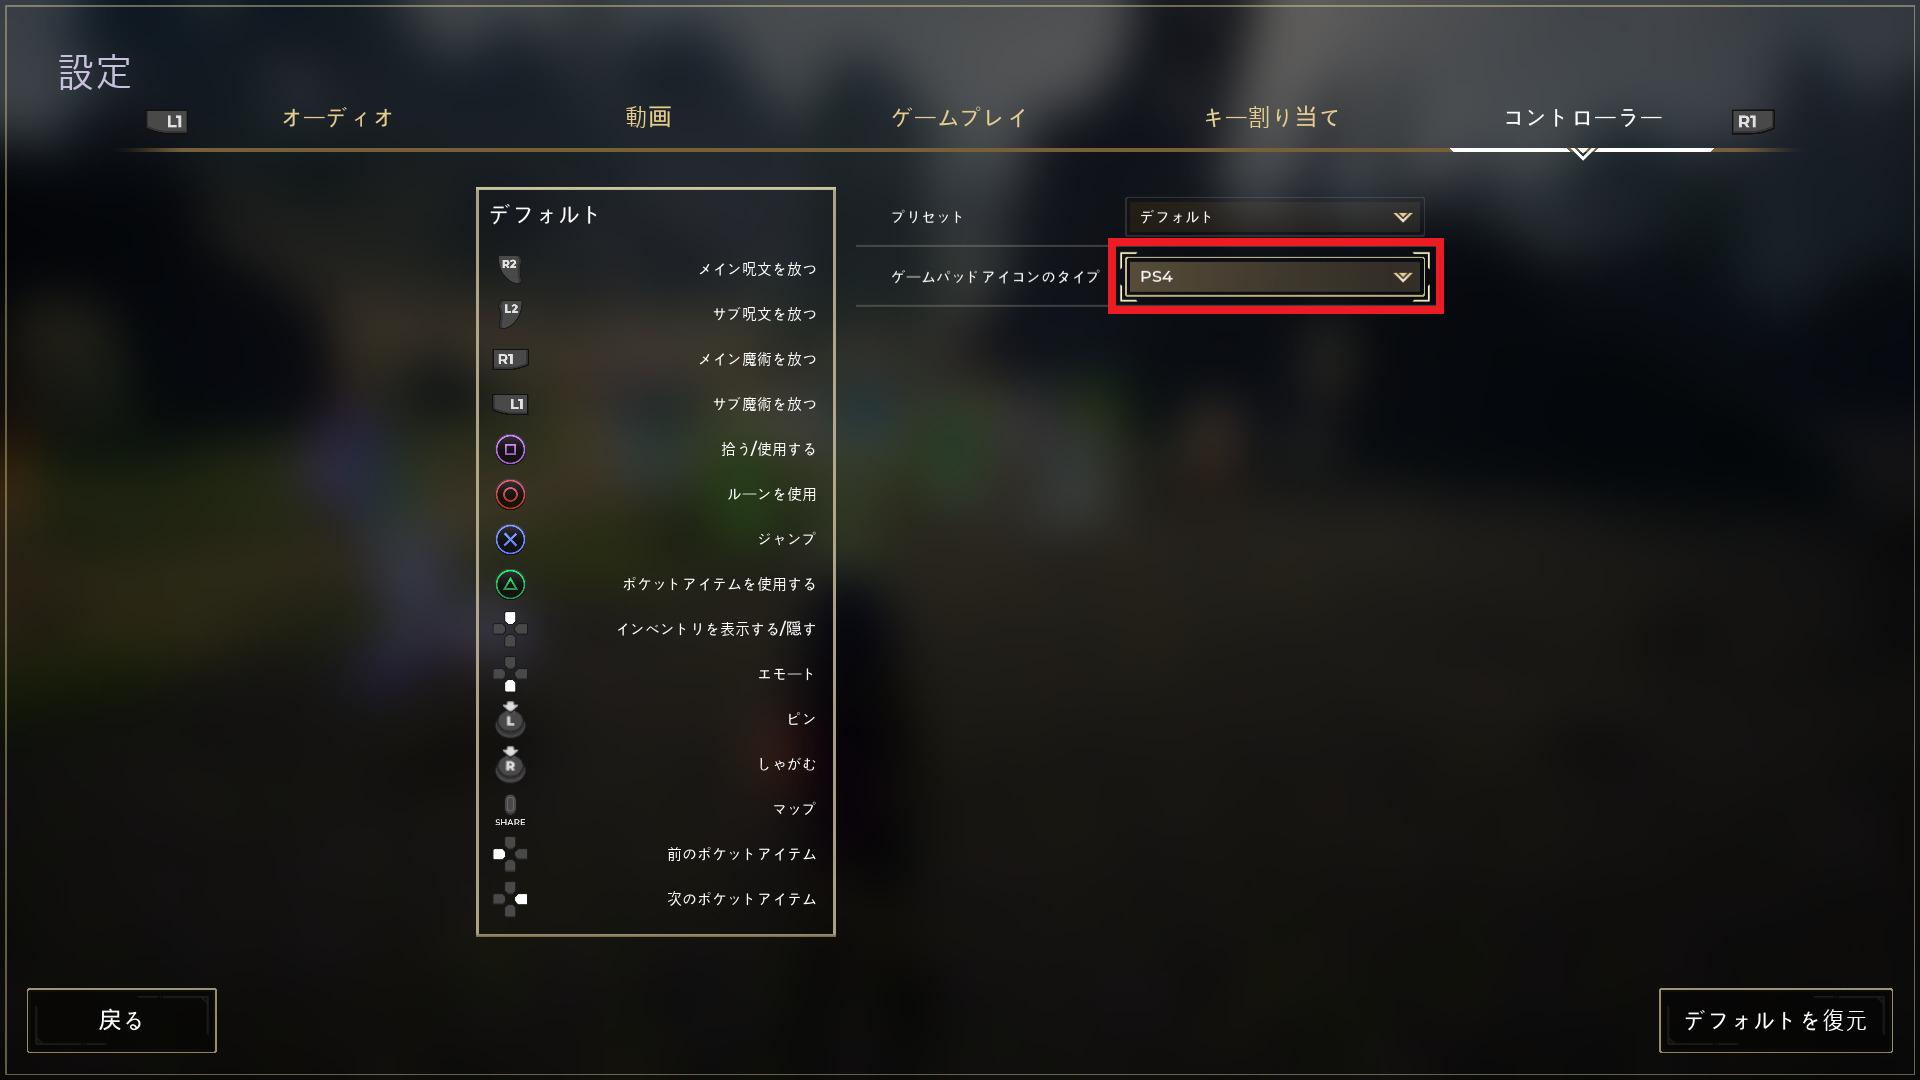 【スペルブレイク】キーマウでプレイしているのにコントローラーのアイコンになってしまうときの対処法